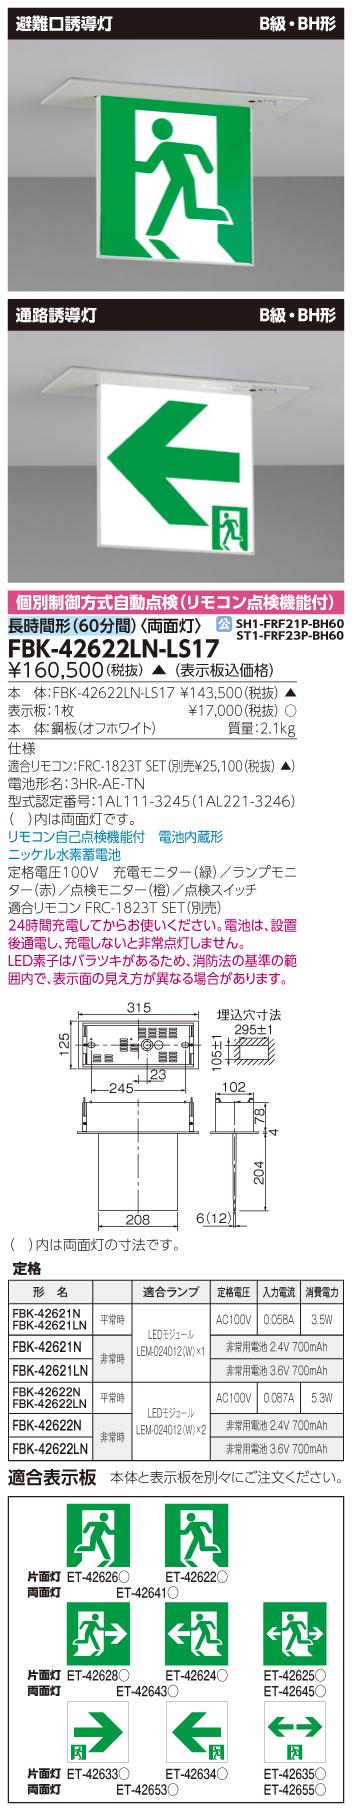 【法人様限定】東芝 FBK-42622LN-LS17 LED誘導灯 天井埋込形 電池内蔵 両面 B級BH形 長時間(60分) 【表示板別売】